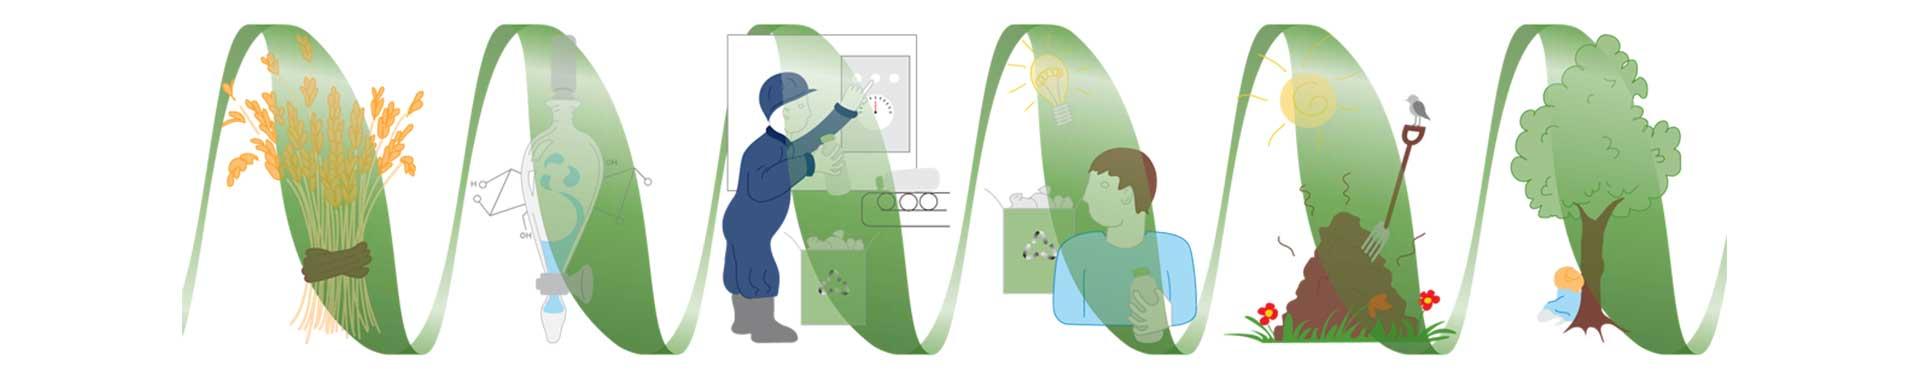 el análisis del ciclo de vida de la energía